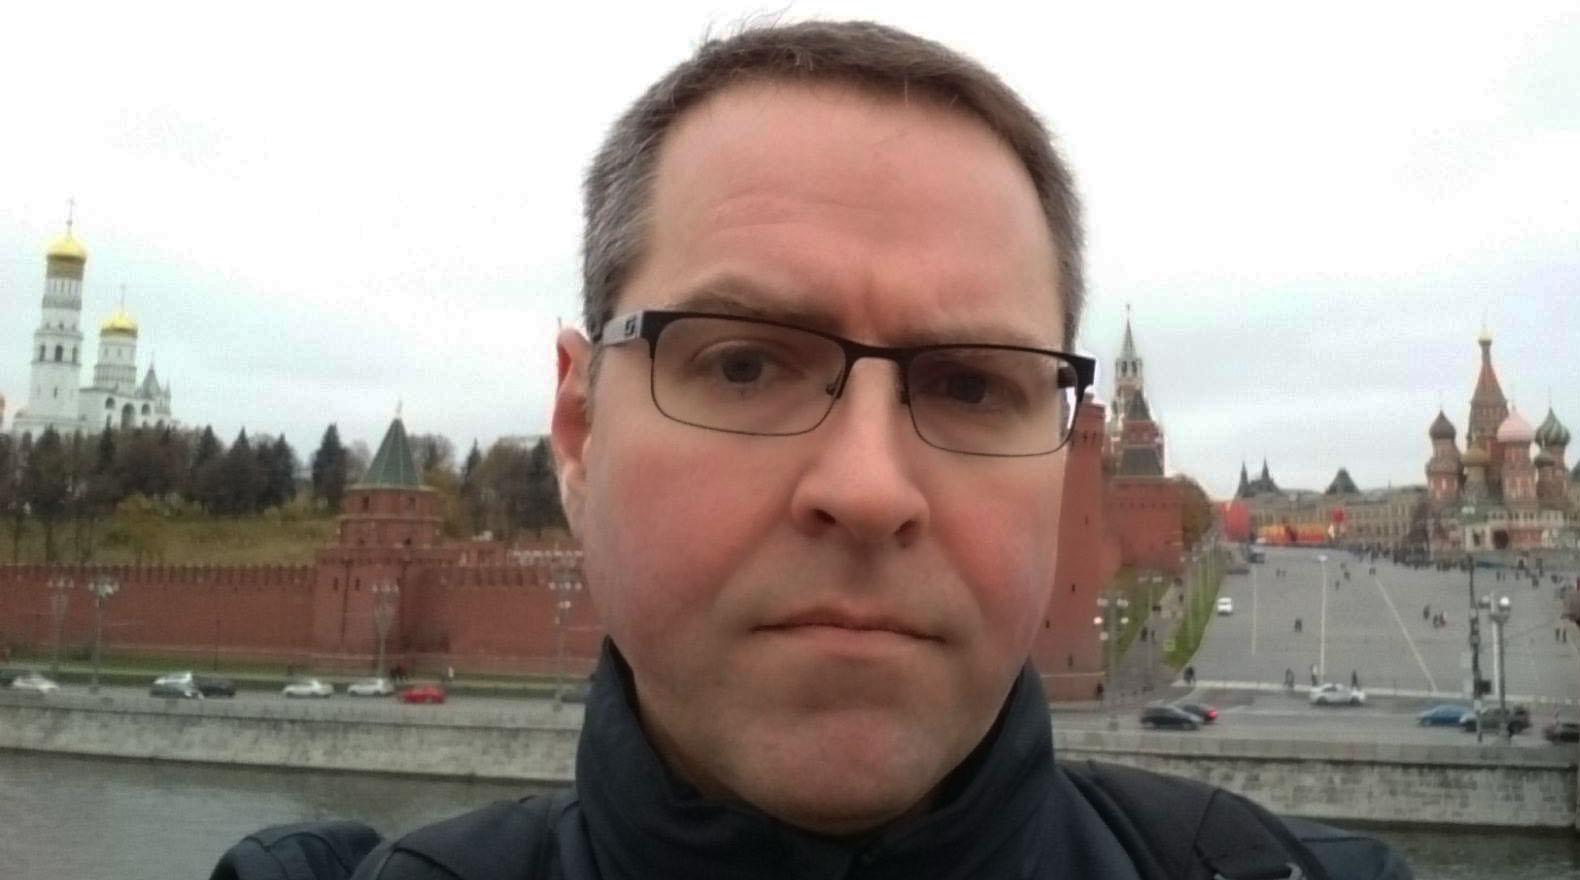 Британский профессор Пол Гуд изучает национализм. Фото: facebook.com